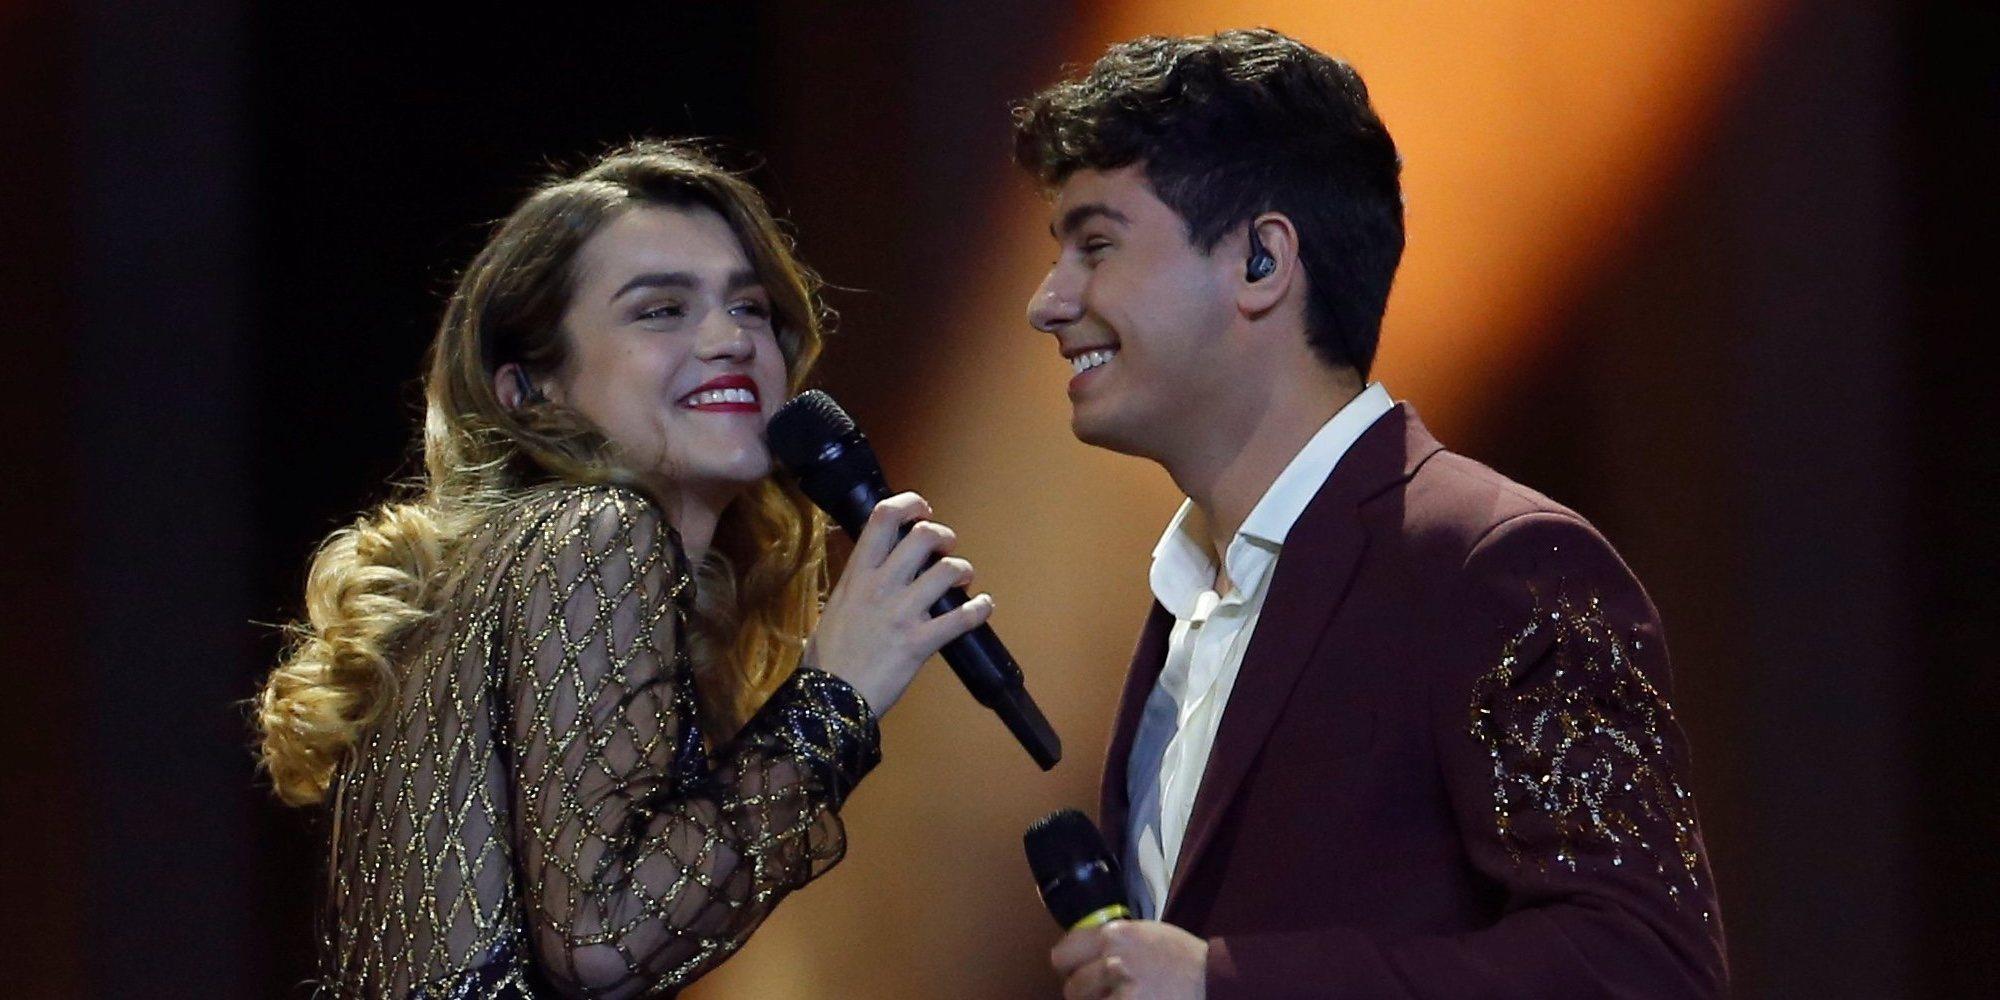 España queda en el puesto 23 de Eurovisión 2018 con los 61 puntos otorgados a 'Tu canción' de Amaia y Alfred